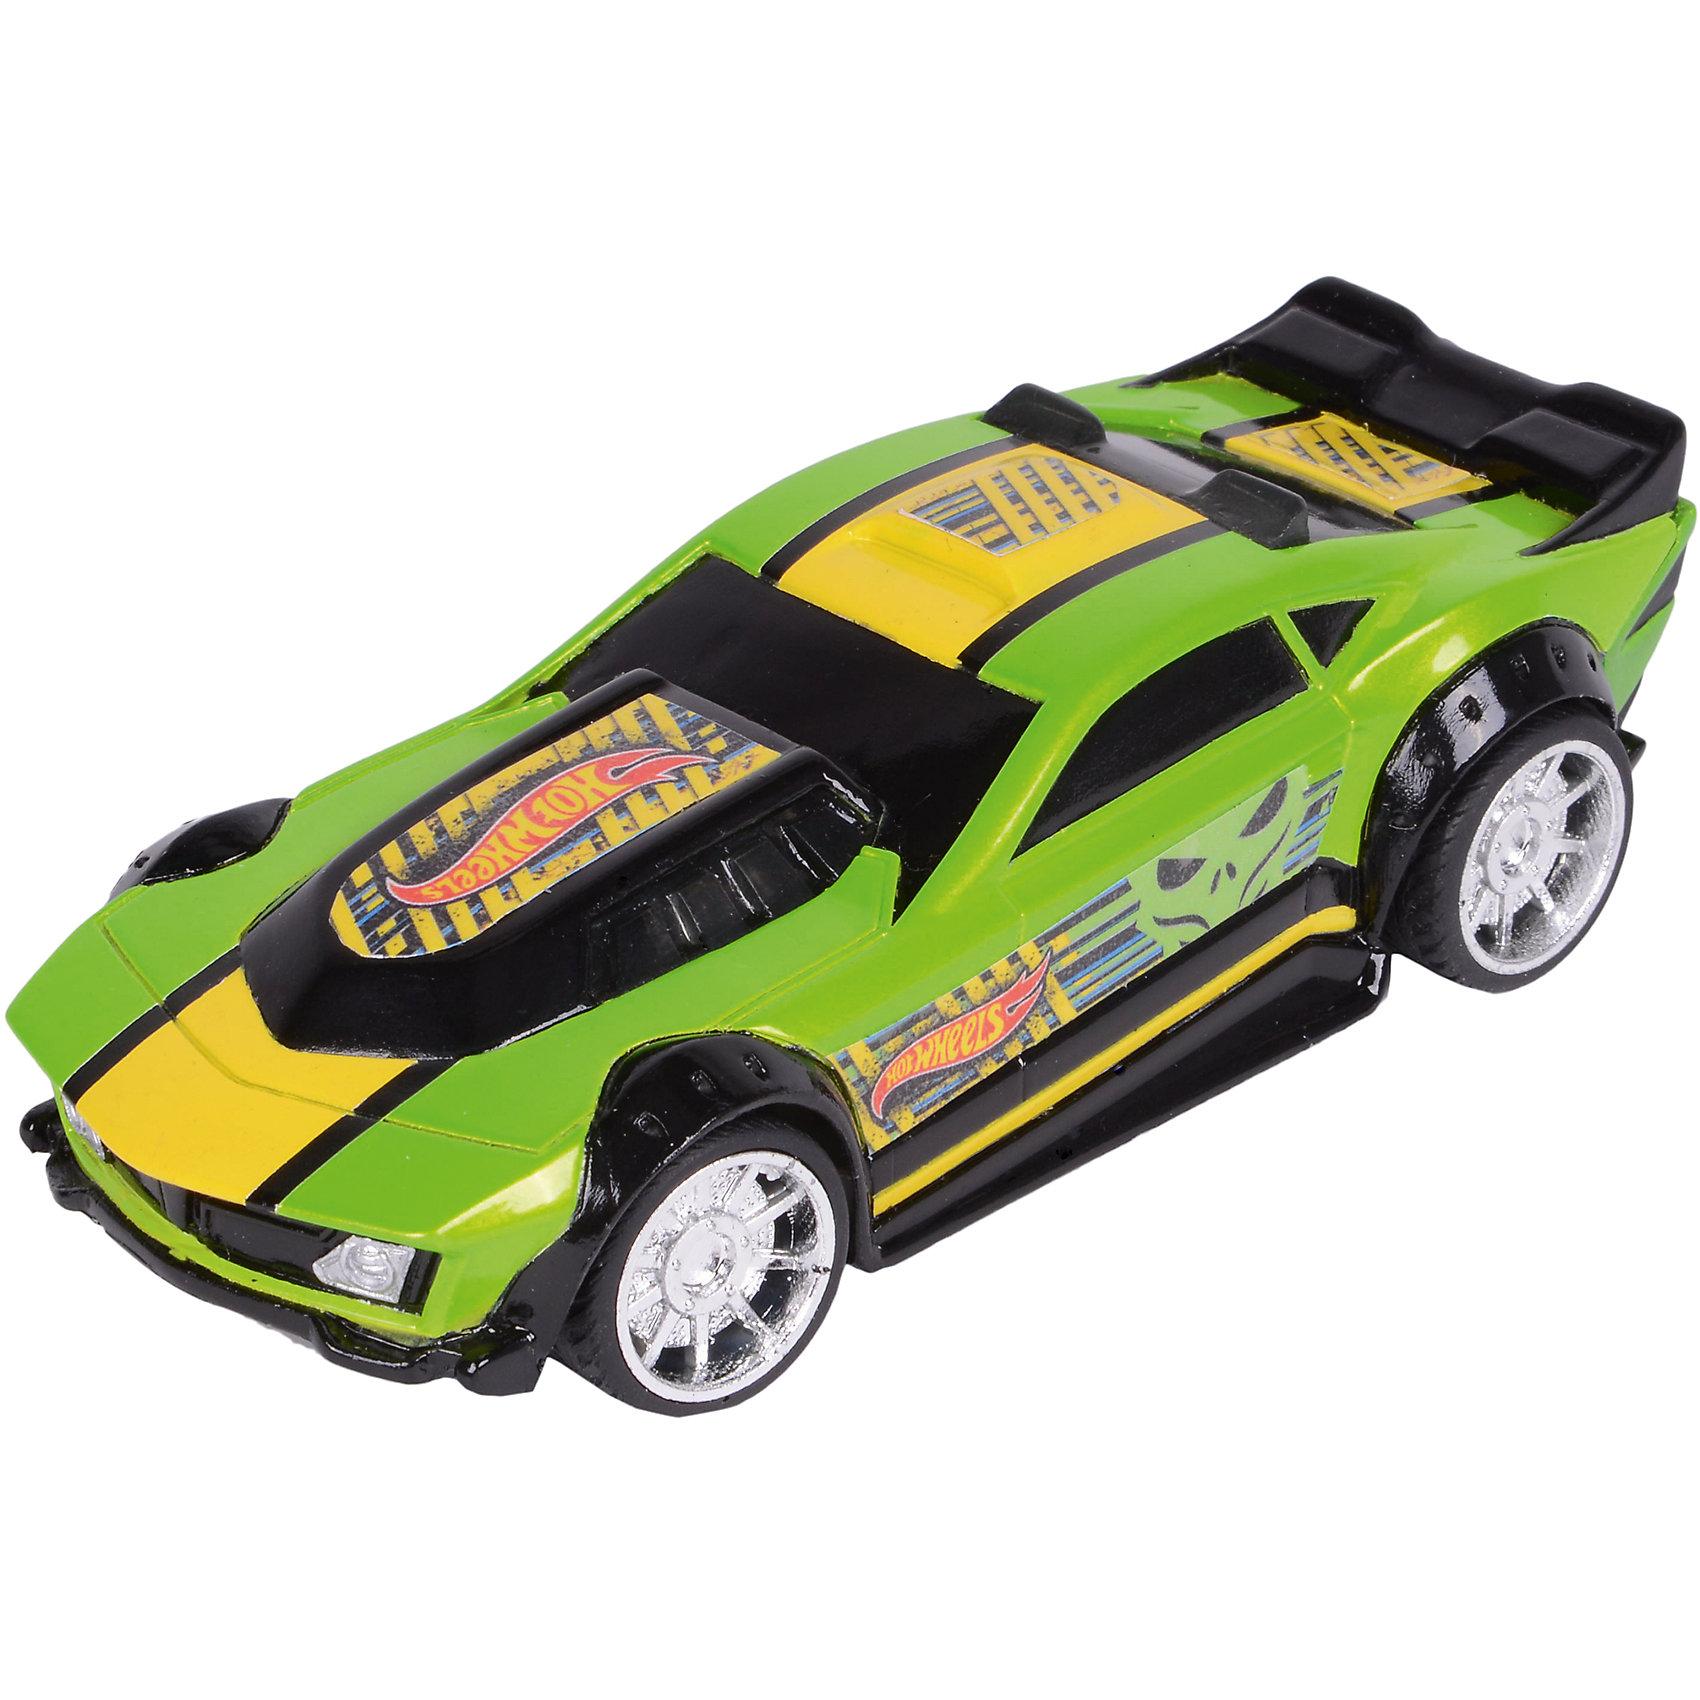 Машинка Freeway Flyer - Drift Rod (свет, звук), зеленая, 14 см, Hot WheelsХарактеристики товара:<br><br>- цвет: зеленый;<br>- материал: пластик, металл;<br>- особенности: инерционная, со световыми эффектами;<br>- вес: 200 г;<br>- размер упаковки: 9х13х18;<br>- размер машинки: 14 см.<br><br>Какой мальчишка откажется поиграть с коллекционной машинкой Hot Wheels, которая выглядит как настоящая?! Машинка очень эффектно смотрится, она дополнена световыми эффектами и инерционным механизмом. Игрушка отлично детализирована, очень качественно выполнена, поэтому она станет отличным подарком ребенку. Продается в красивой упаковке.<br>Изделия произведены из высококачественного материала, безопасного для детей.<br><br>Механическую машинку Hot Wheels можно купить в нашем интернет-магазине.<br><br>Ширина мм: 89<br>Глубина мм: 127<br>Высота мм: 178<br>Вес г: 184<br>Возраст от месяцев: 36<br>Возраст до месяцев: 2147483647<br>Пол: Мужской<br>Возраст: Детский<br>SKU: 5066713